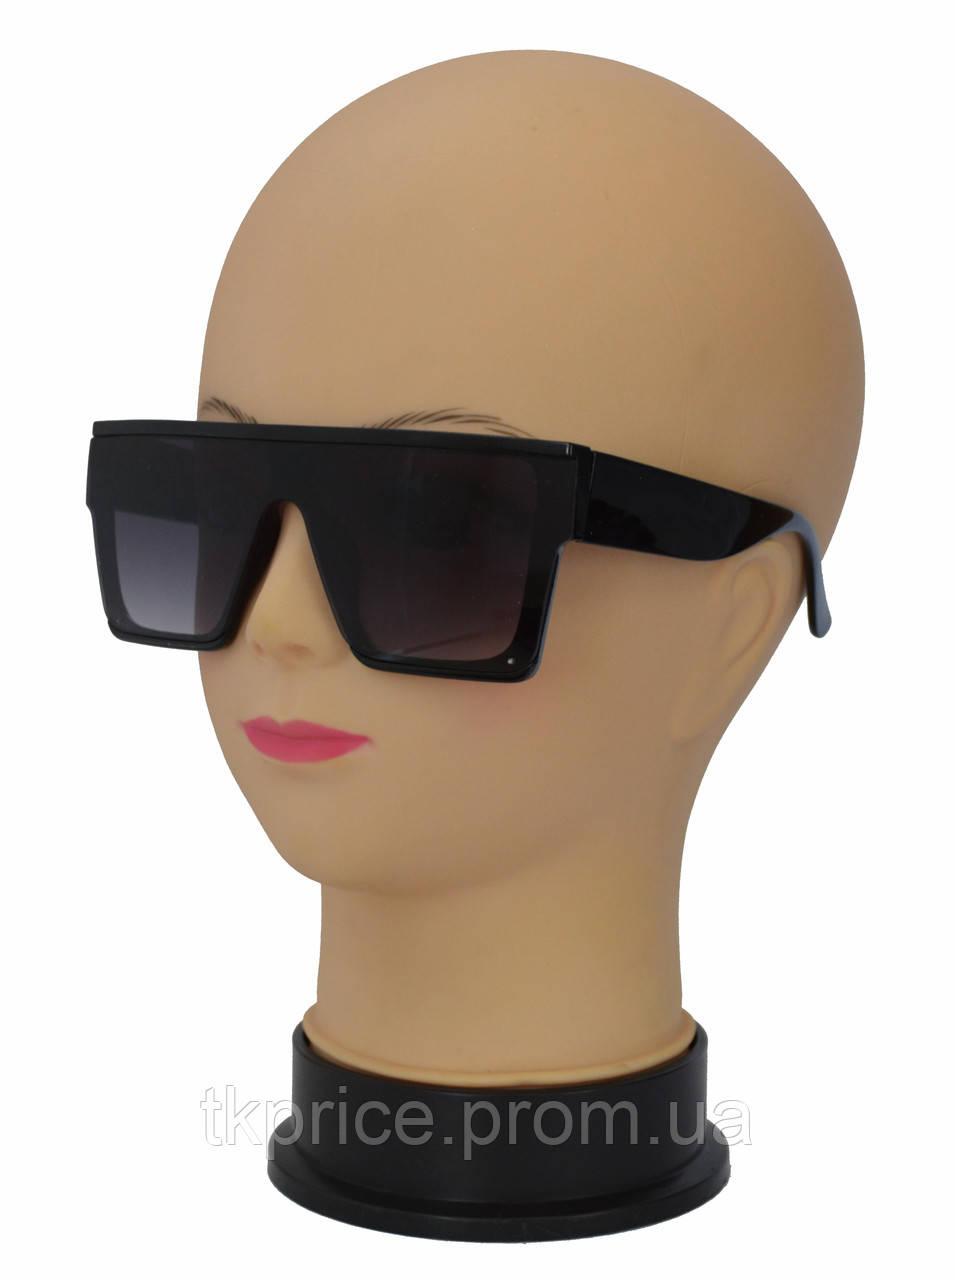 Модные женские солнцезащитные очки 2020 модель 338818